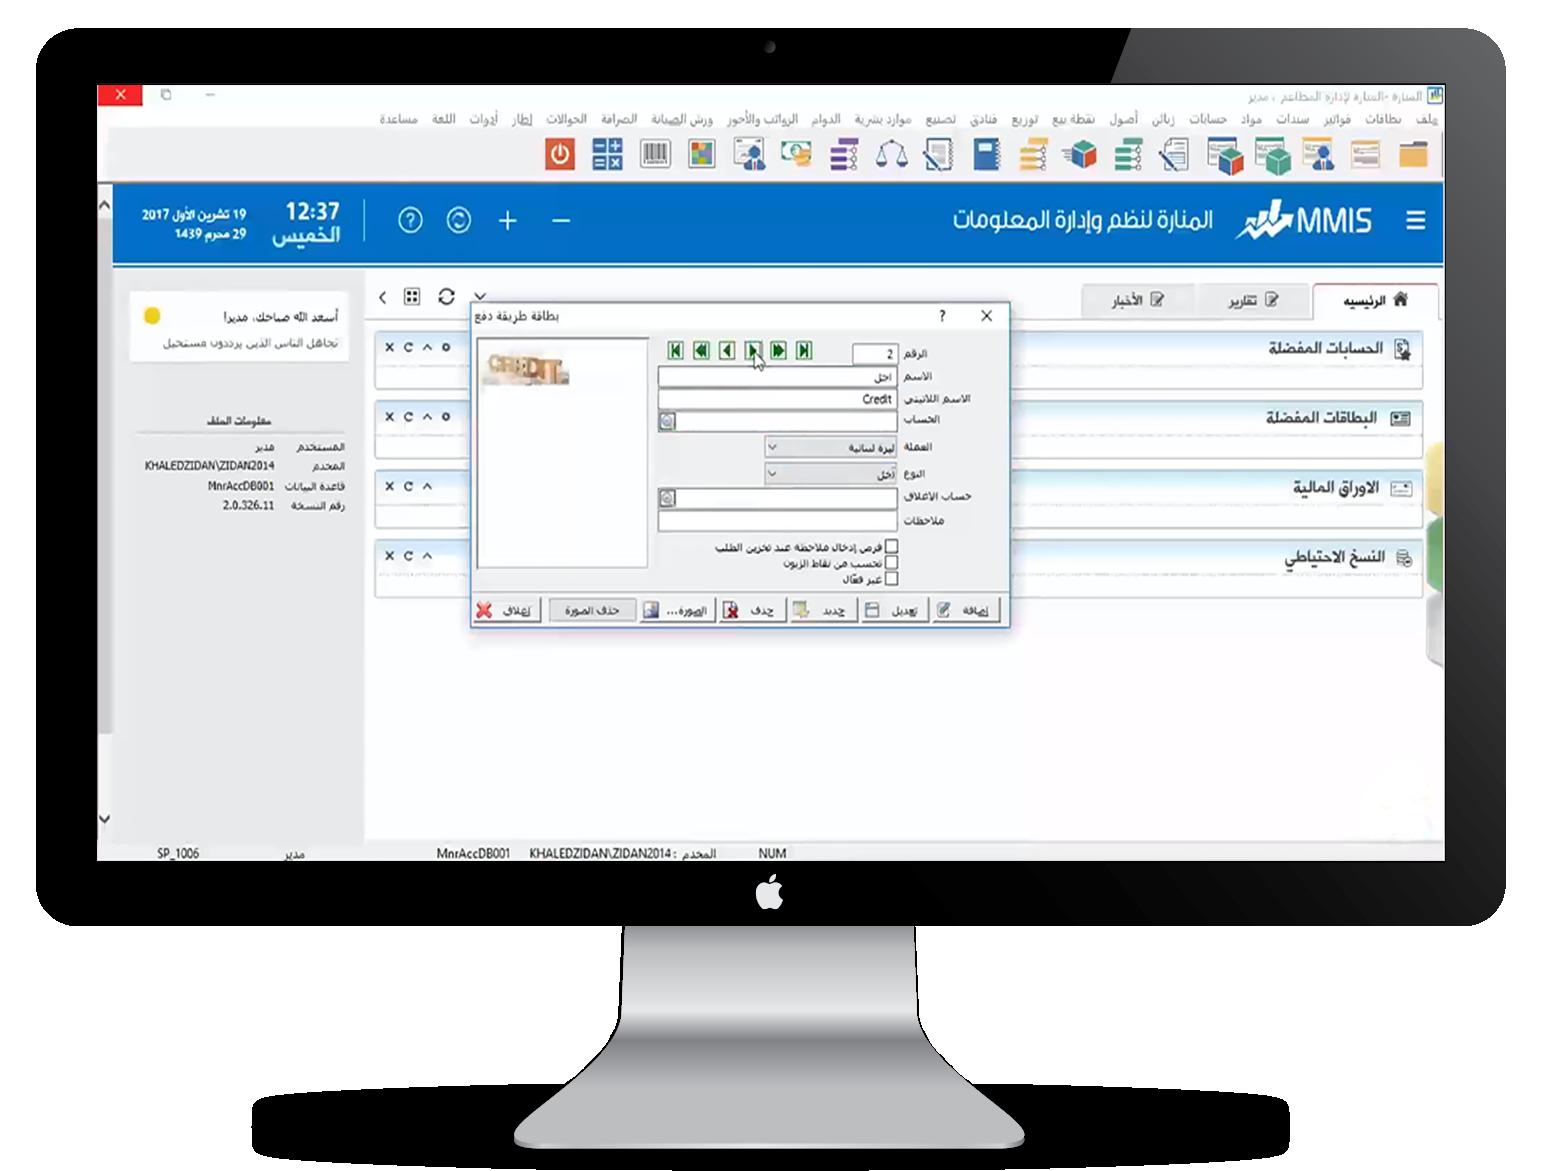 نظام التكاليف الصناعية 1 | شركة الأفق الرقمي - DIGITAL HORIZON | برامج حلول الأعمال